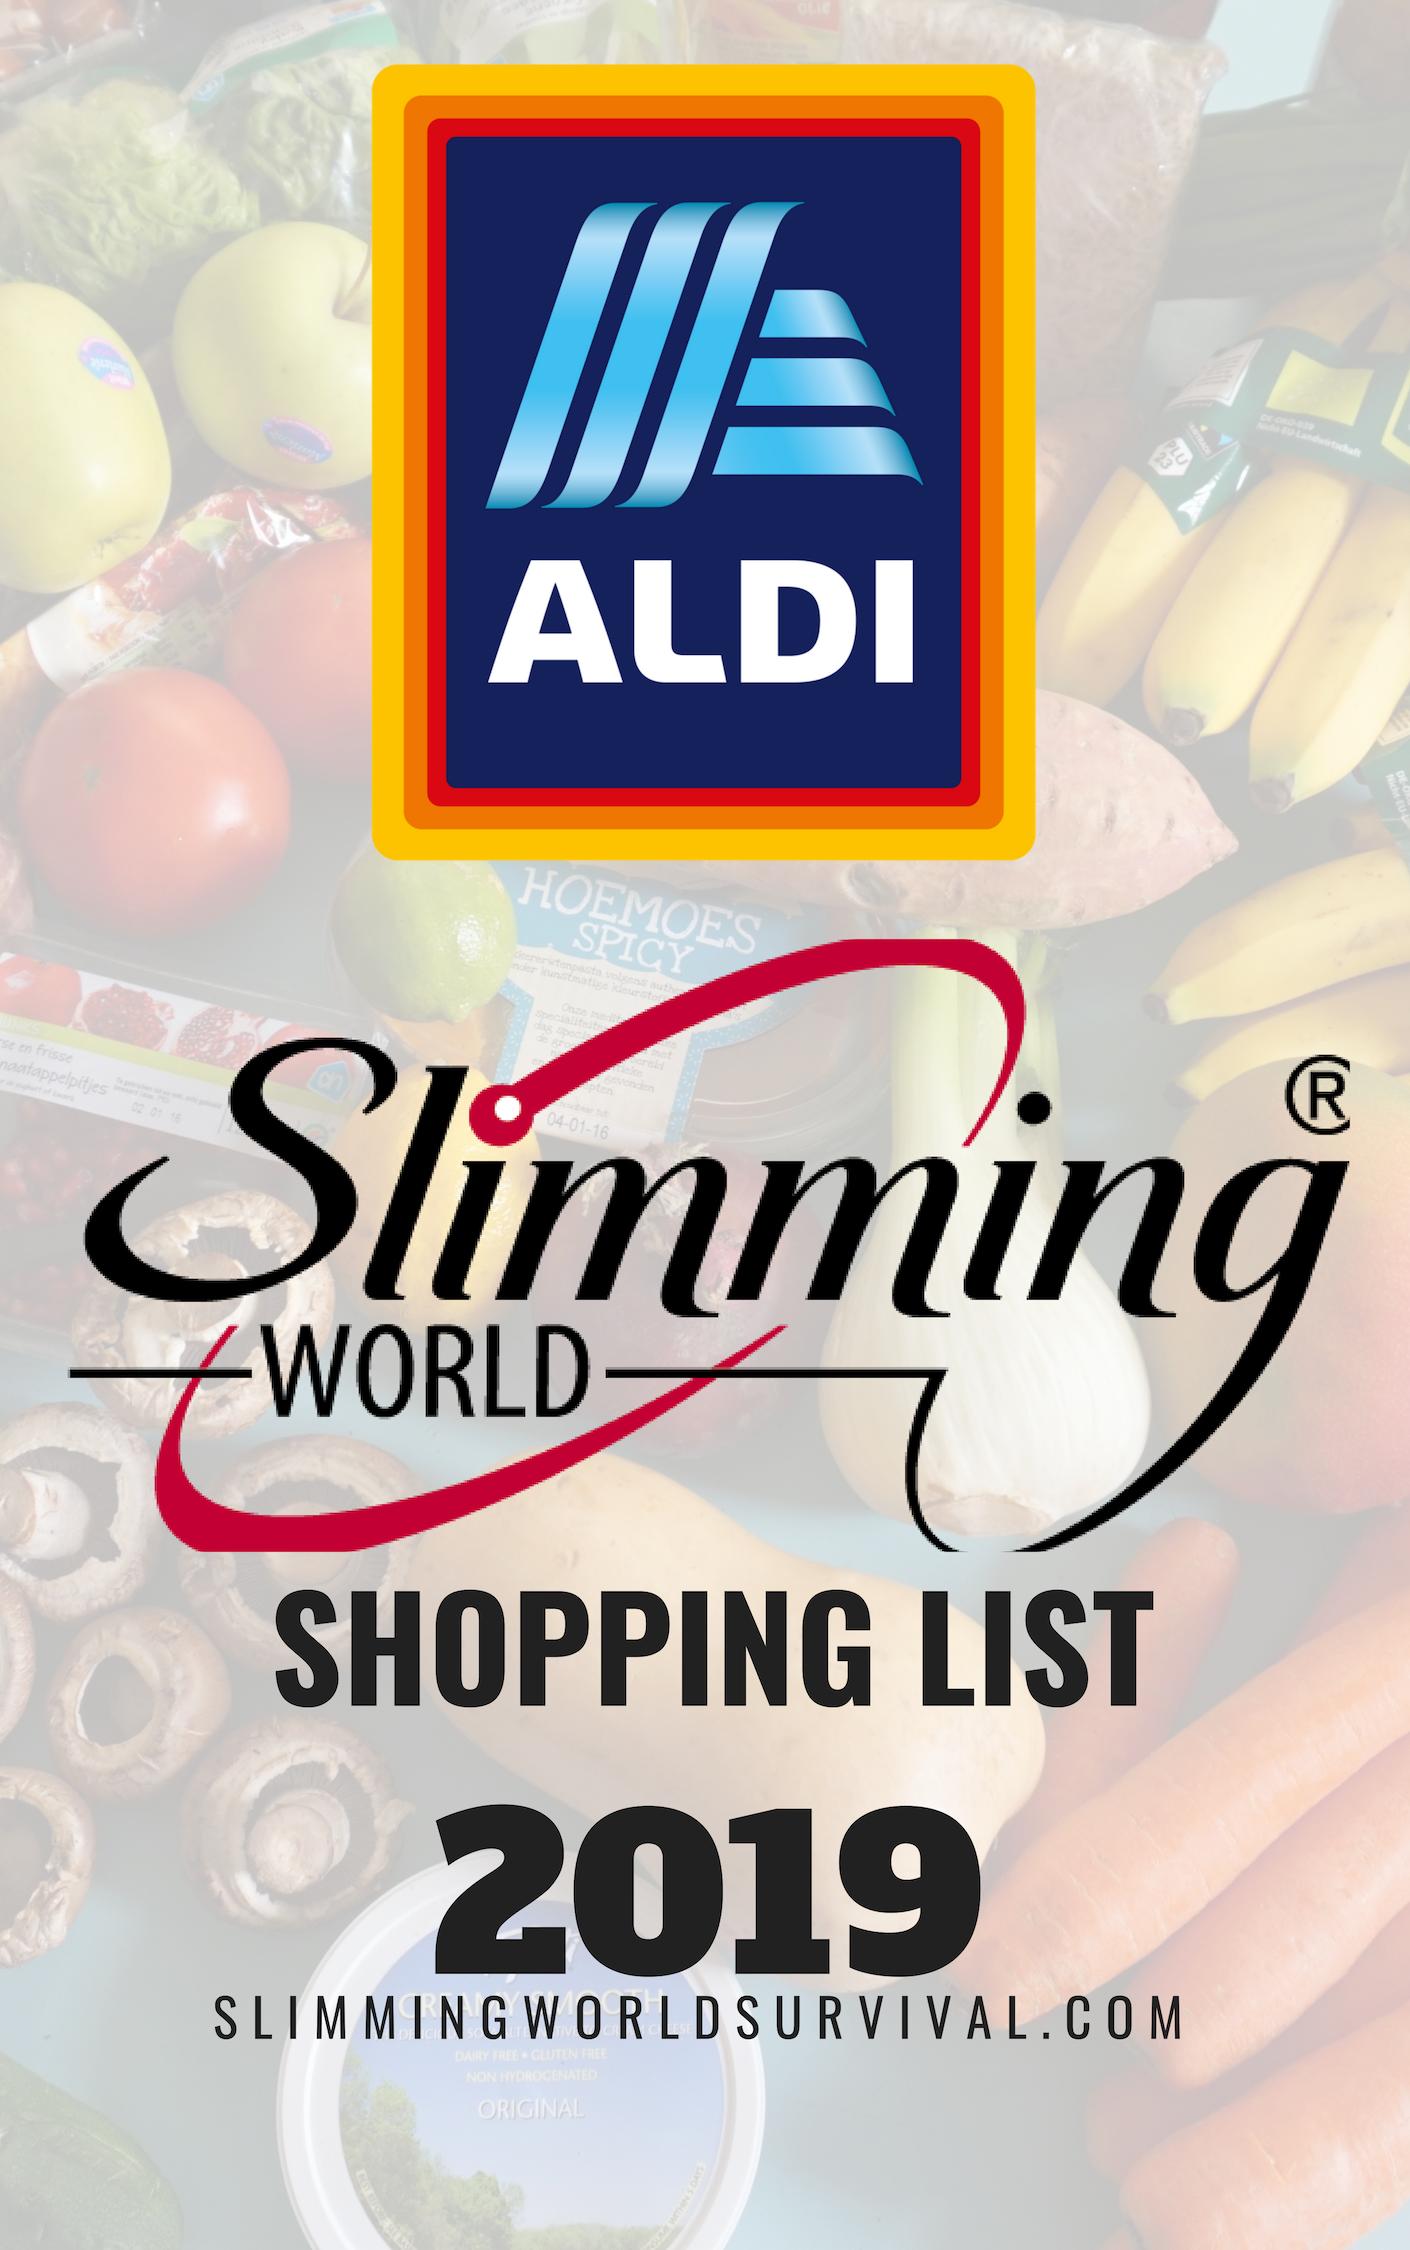 Photo of Aldi Slimming World Einkaufsliste 2019